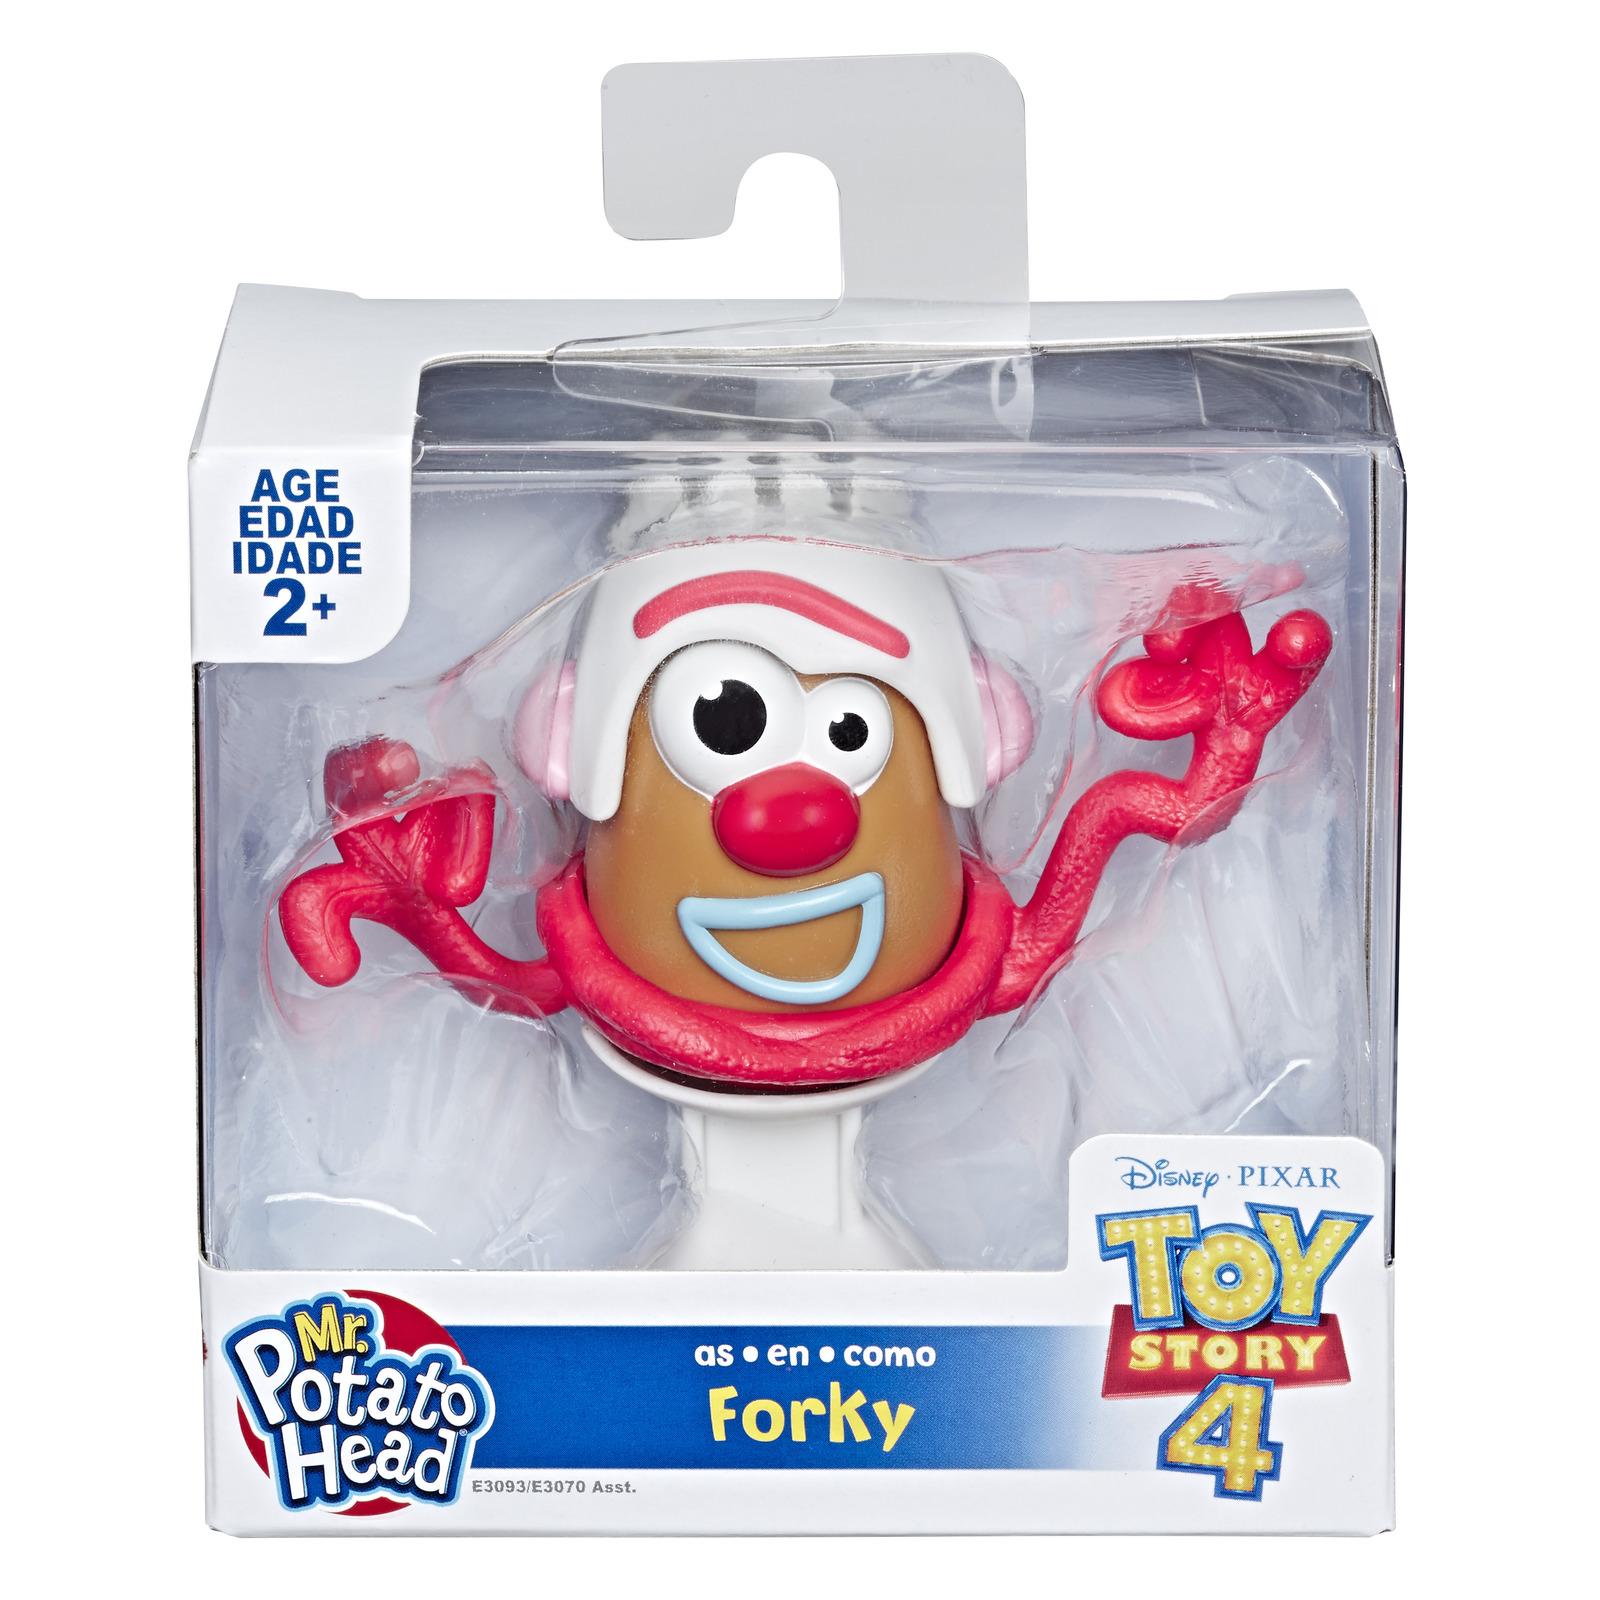 Toy Story 4: Mr Potato Head - Forky image